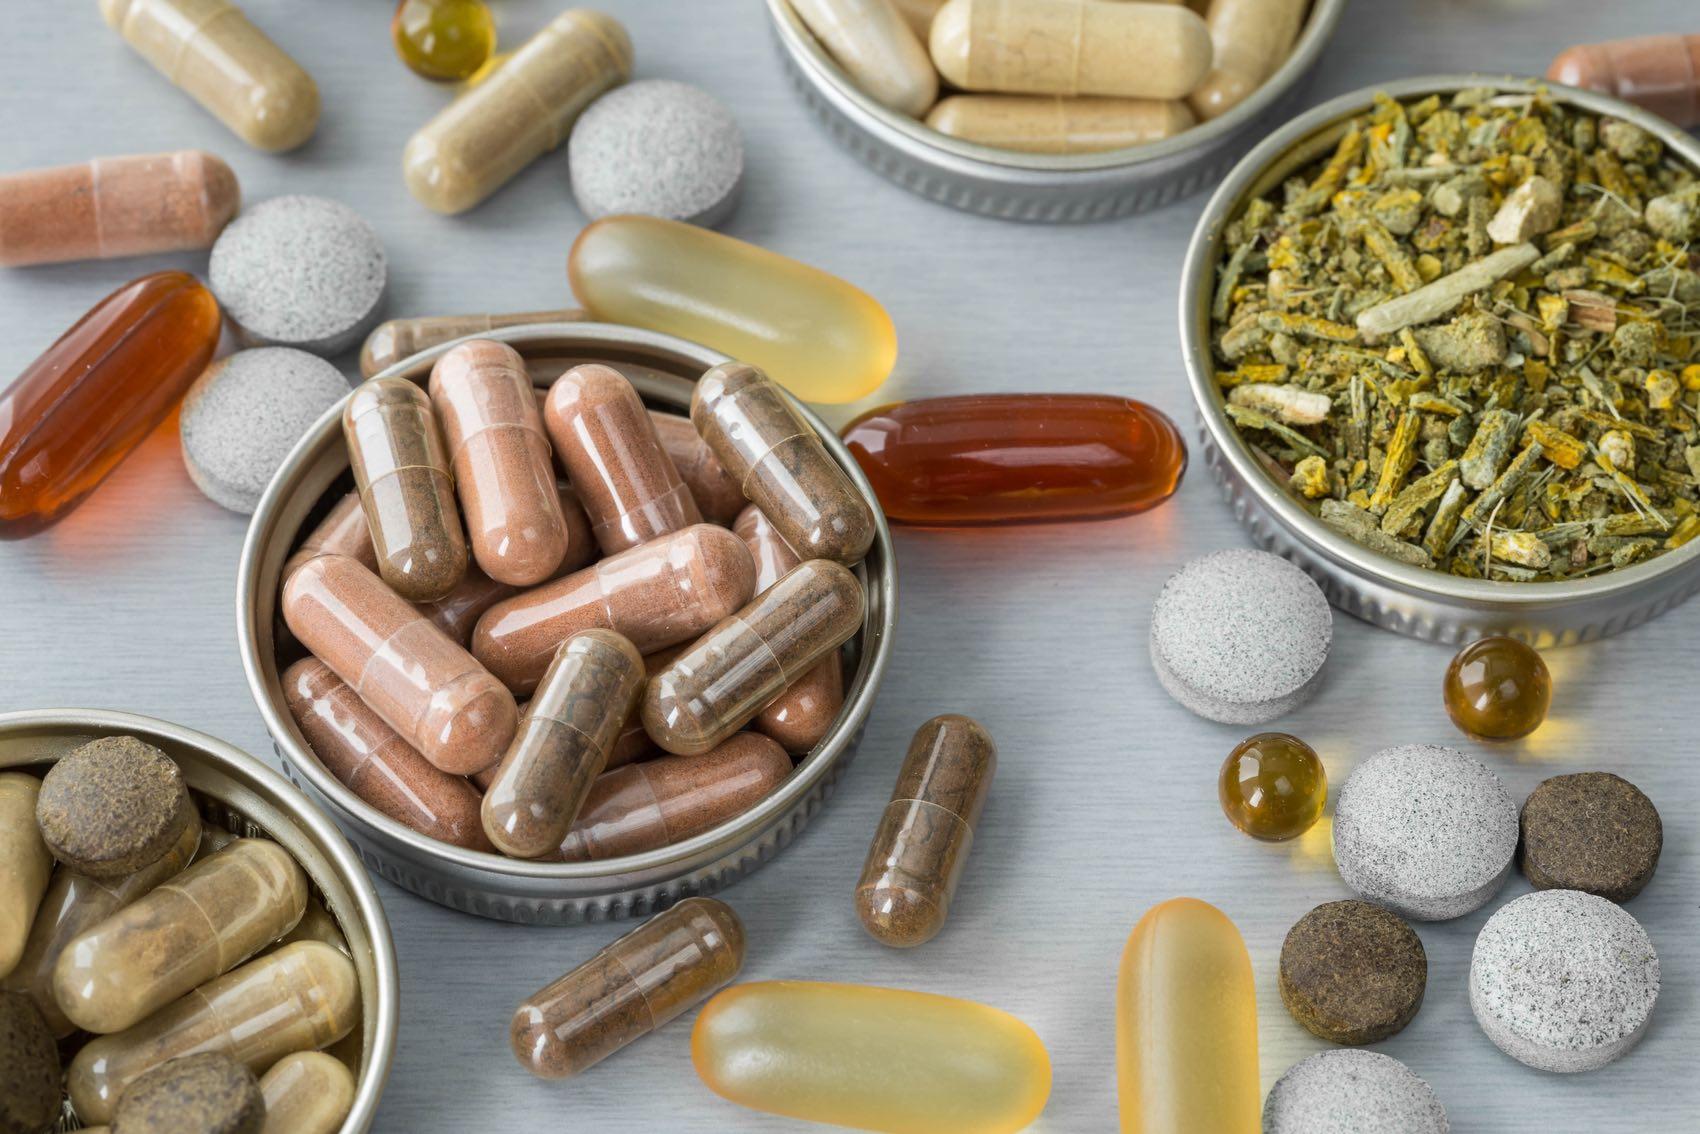 Top Nutraceuticals